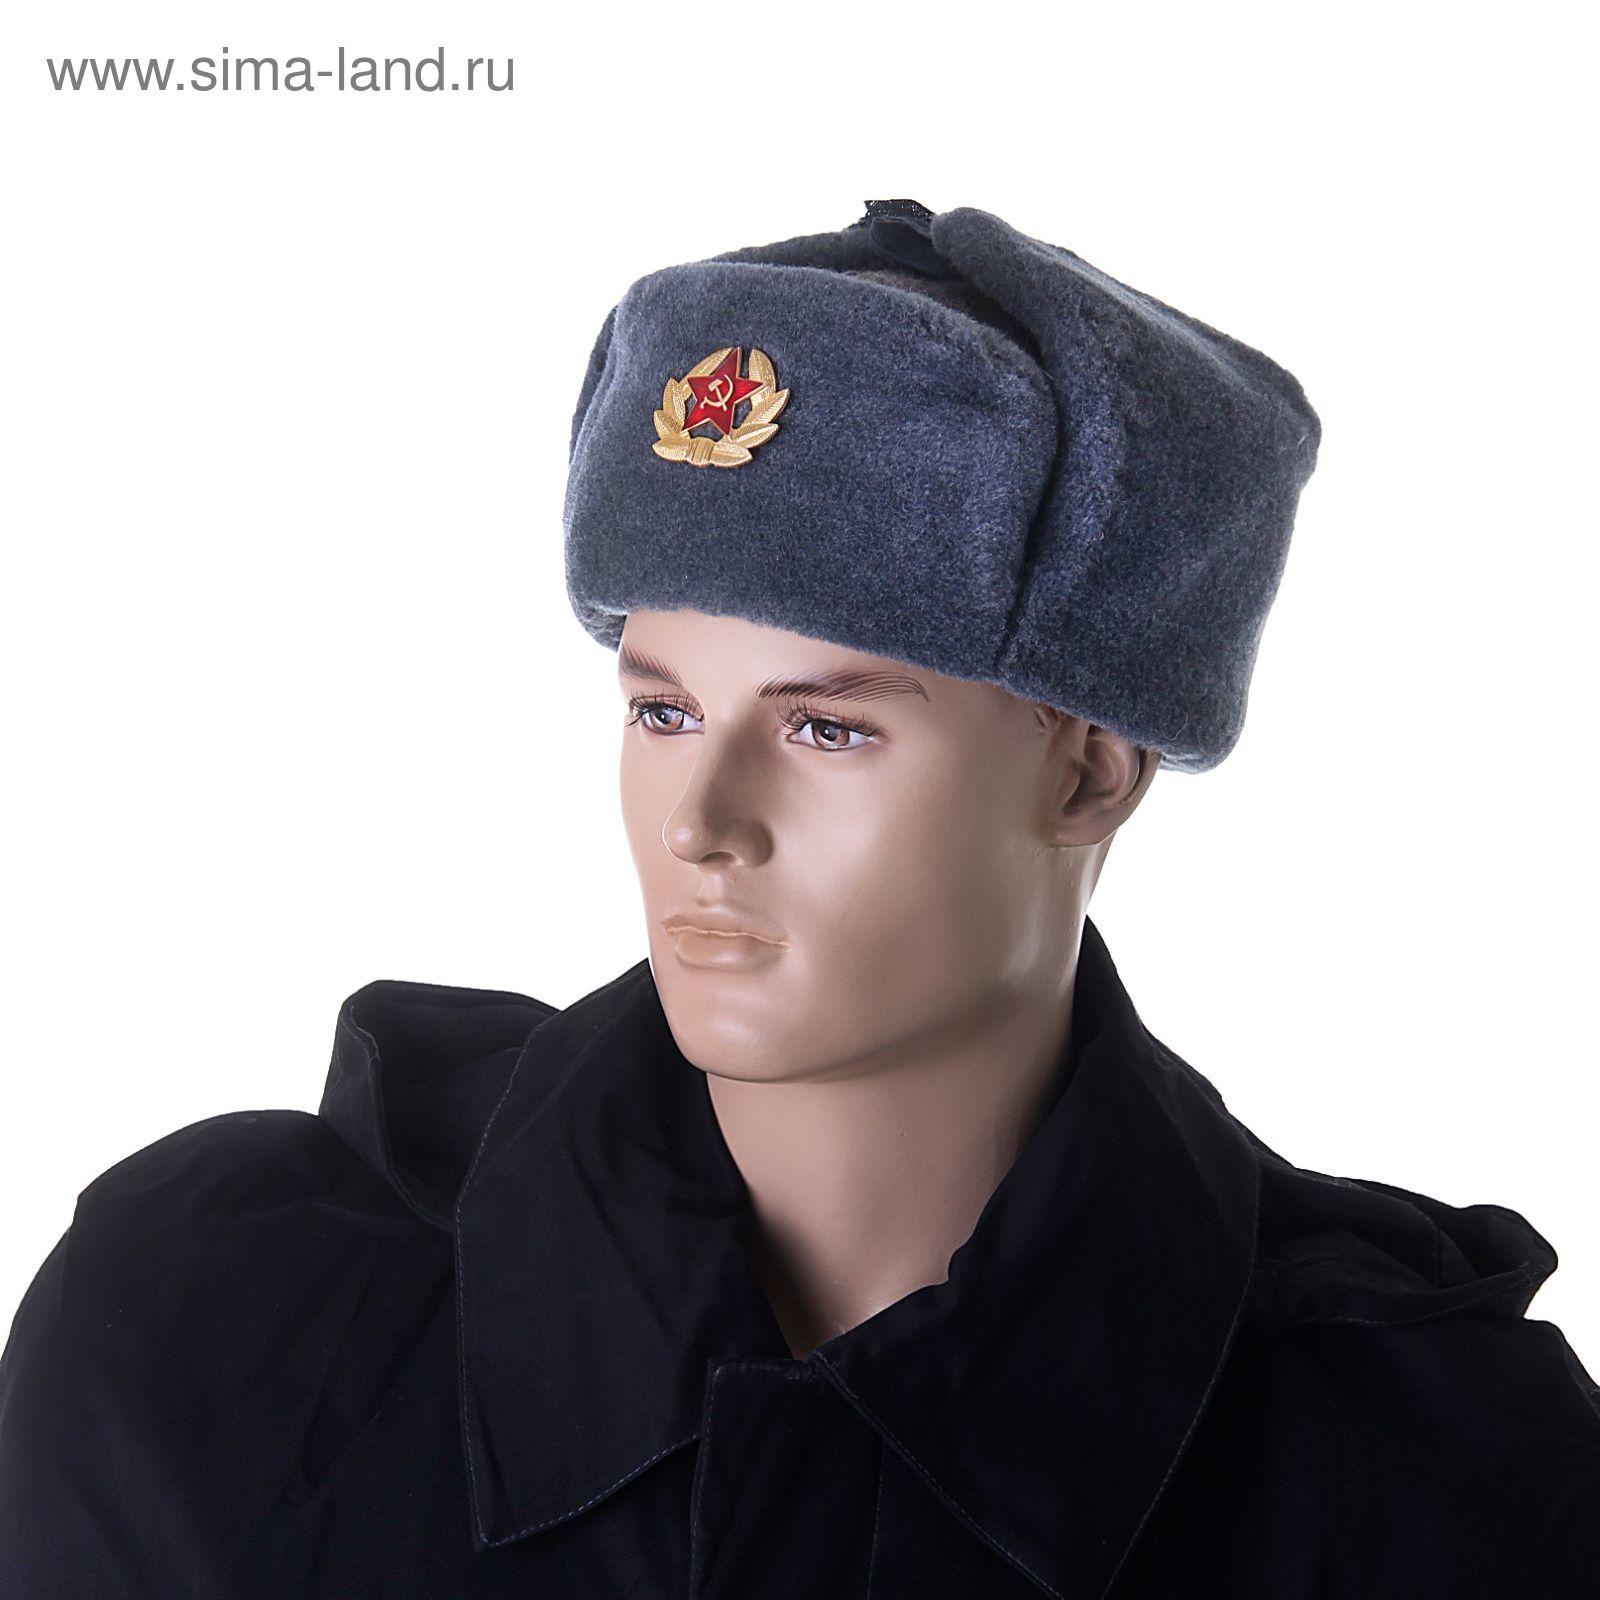 Шапка-ушанка солдатская с искусственным мехом 3e87506465b59